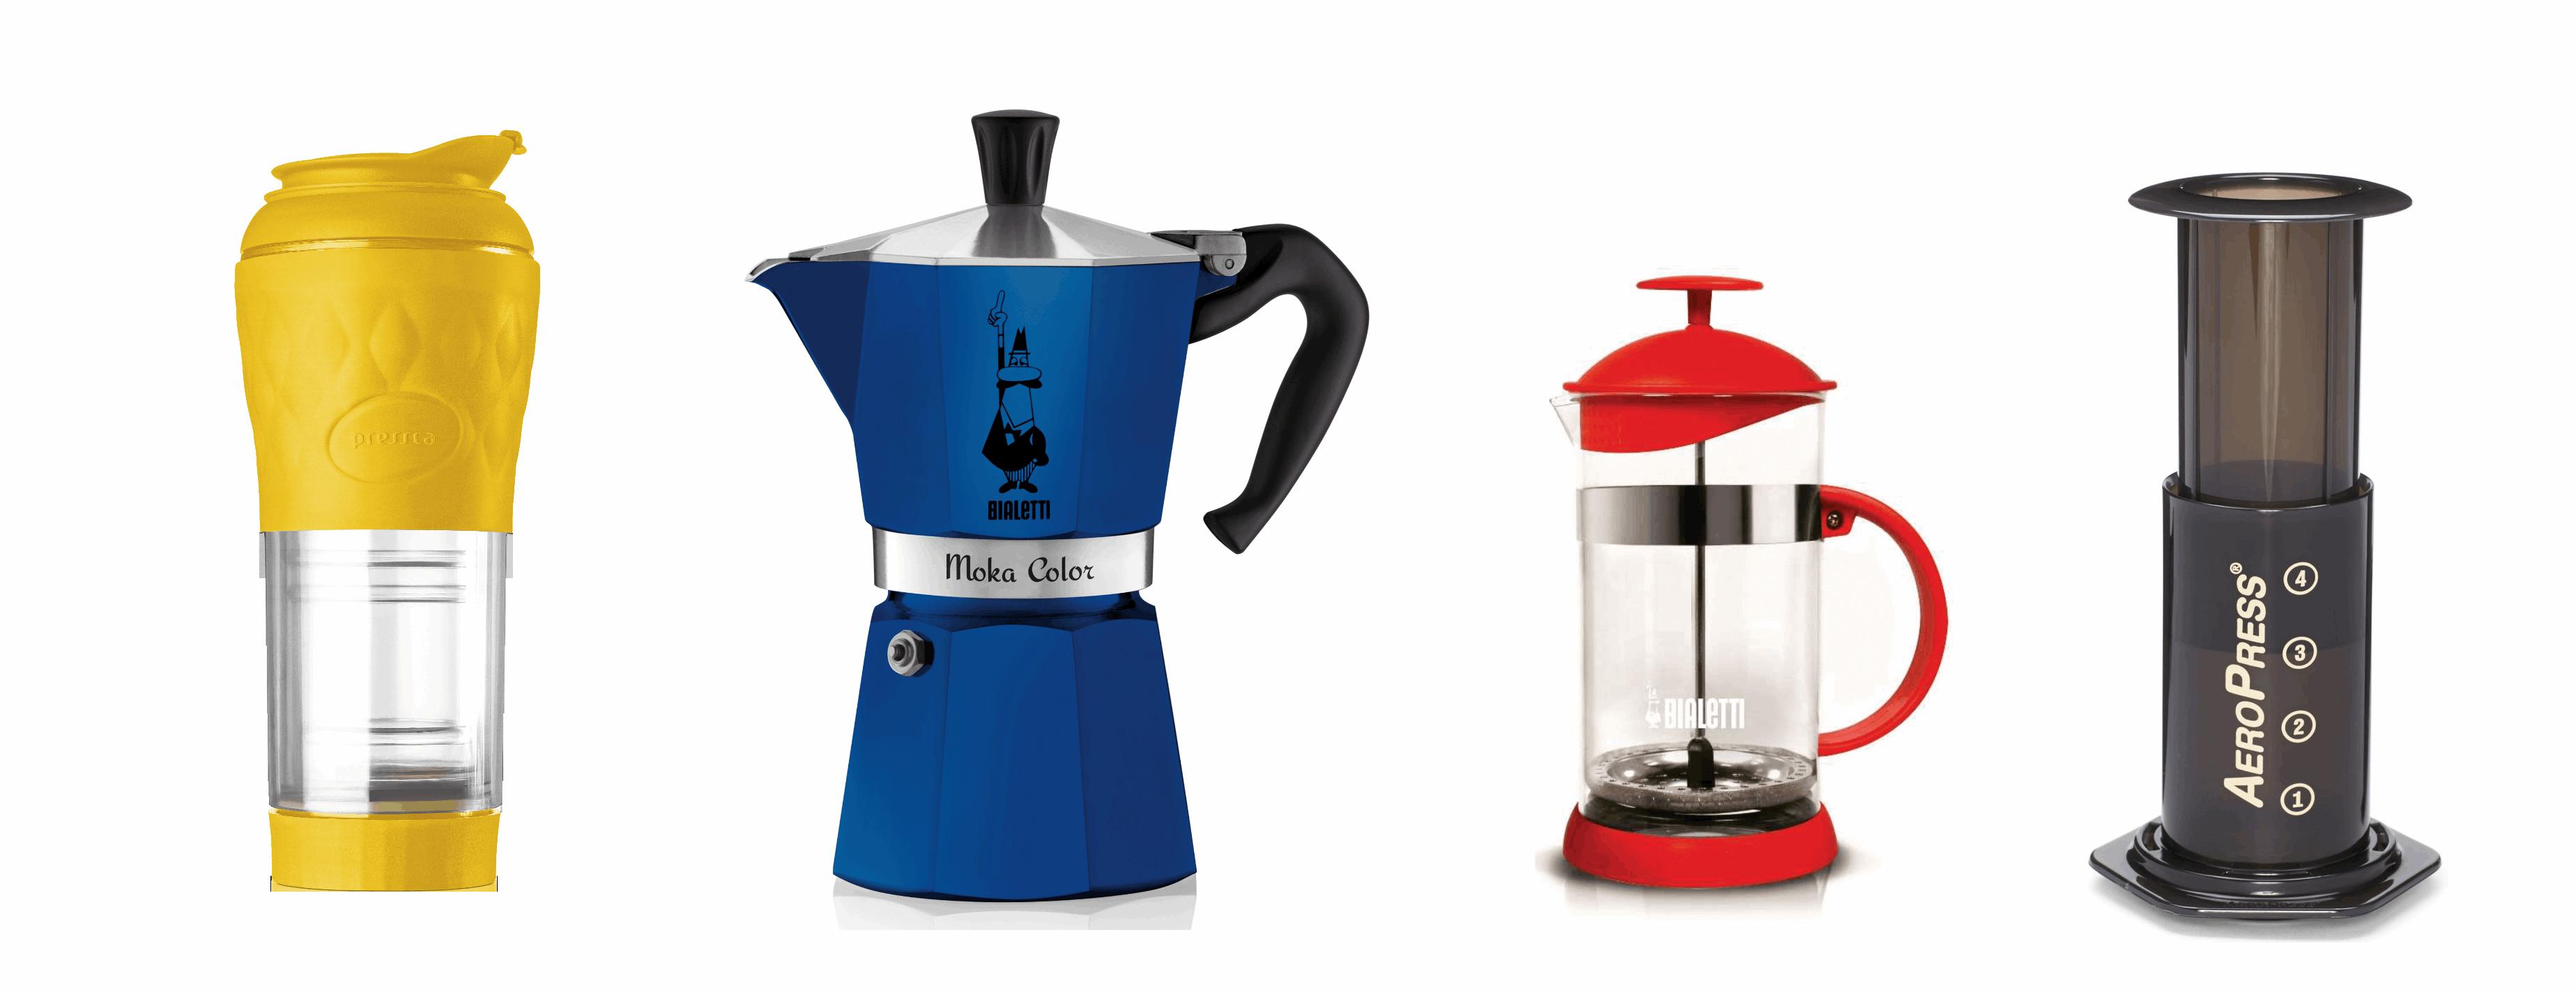 cafeteira-pressca-bialleti-prensa-francesa-blog